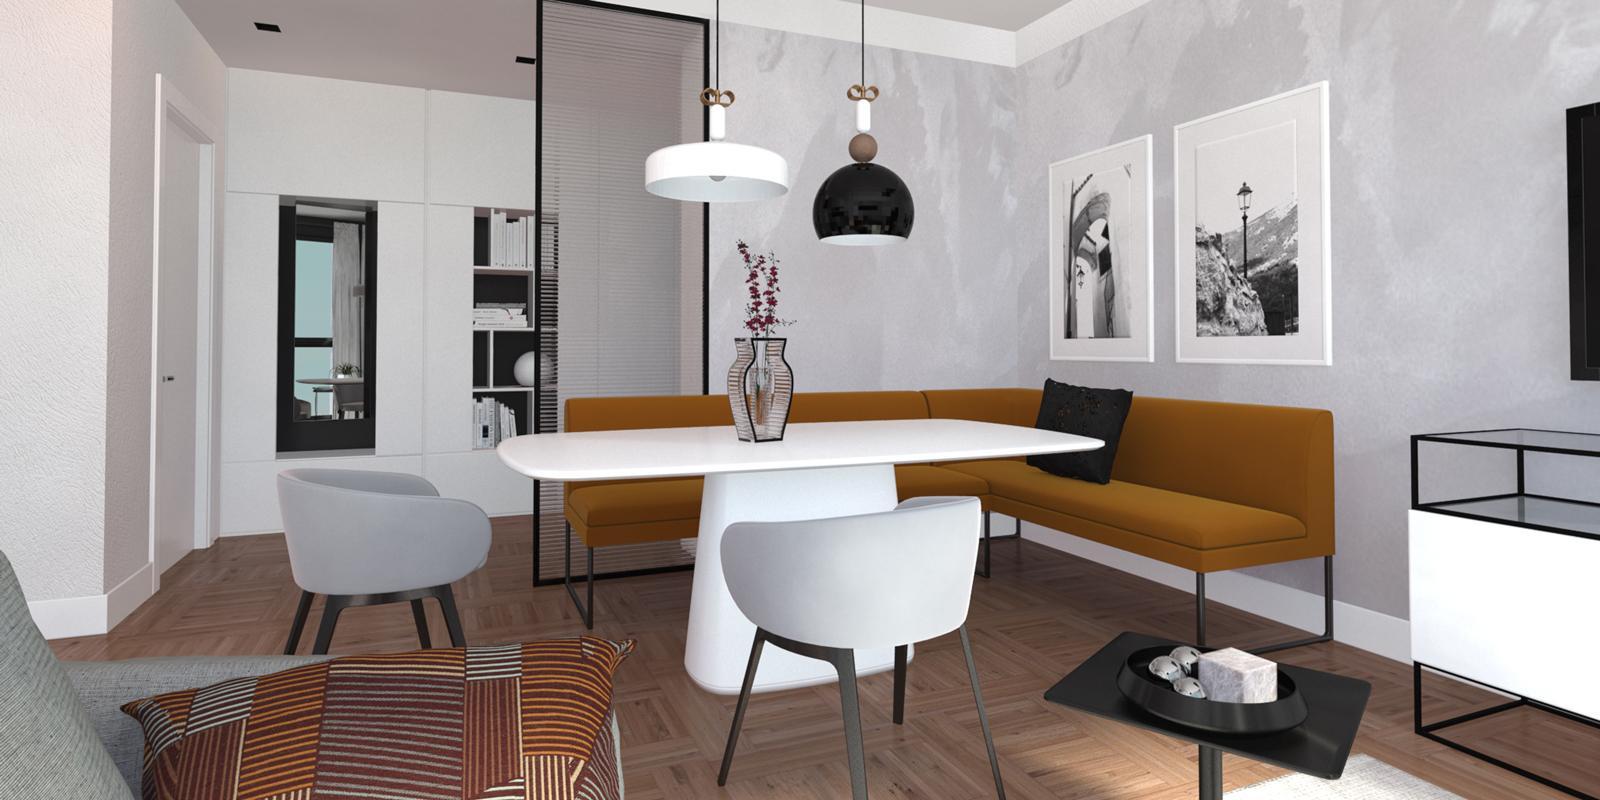 Dare l'idea di un unico, grande ambiente aiuta a ridurre la quantità di mobili necessari e fa sembrare la casa più spaziosa e vivibile. Arredare Il Soggiorno Cucina Aperto Sull Ingresso 3 Ambienti In 1 Cose Di Casa